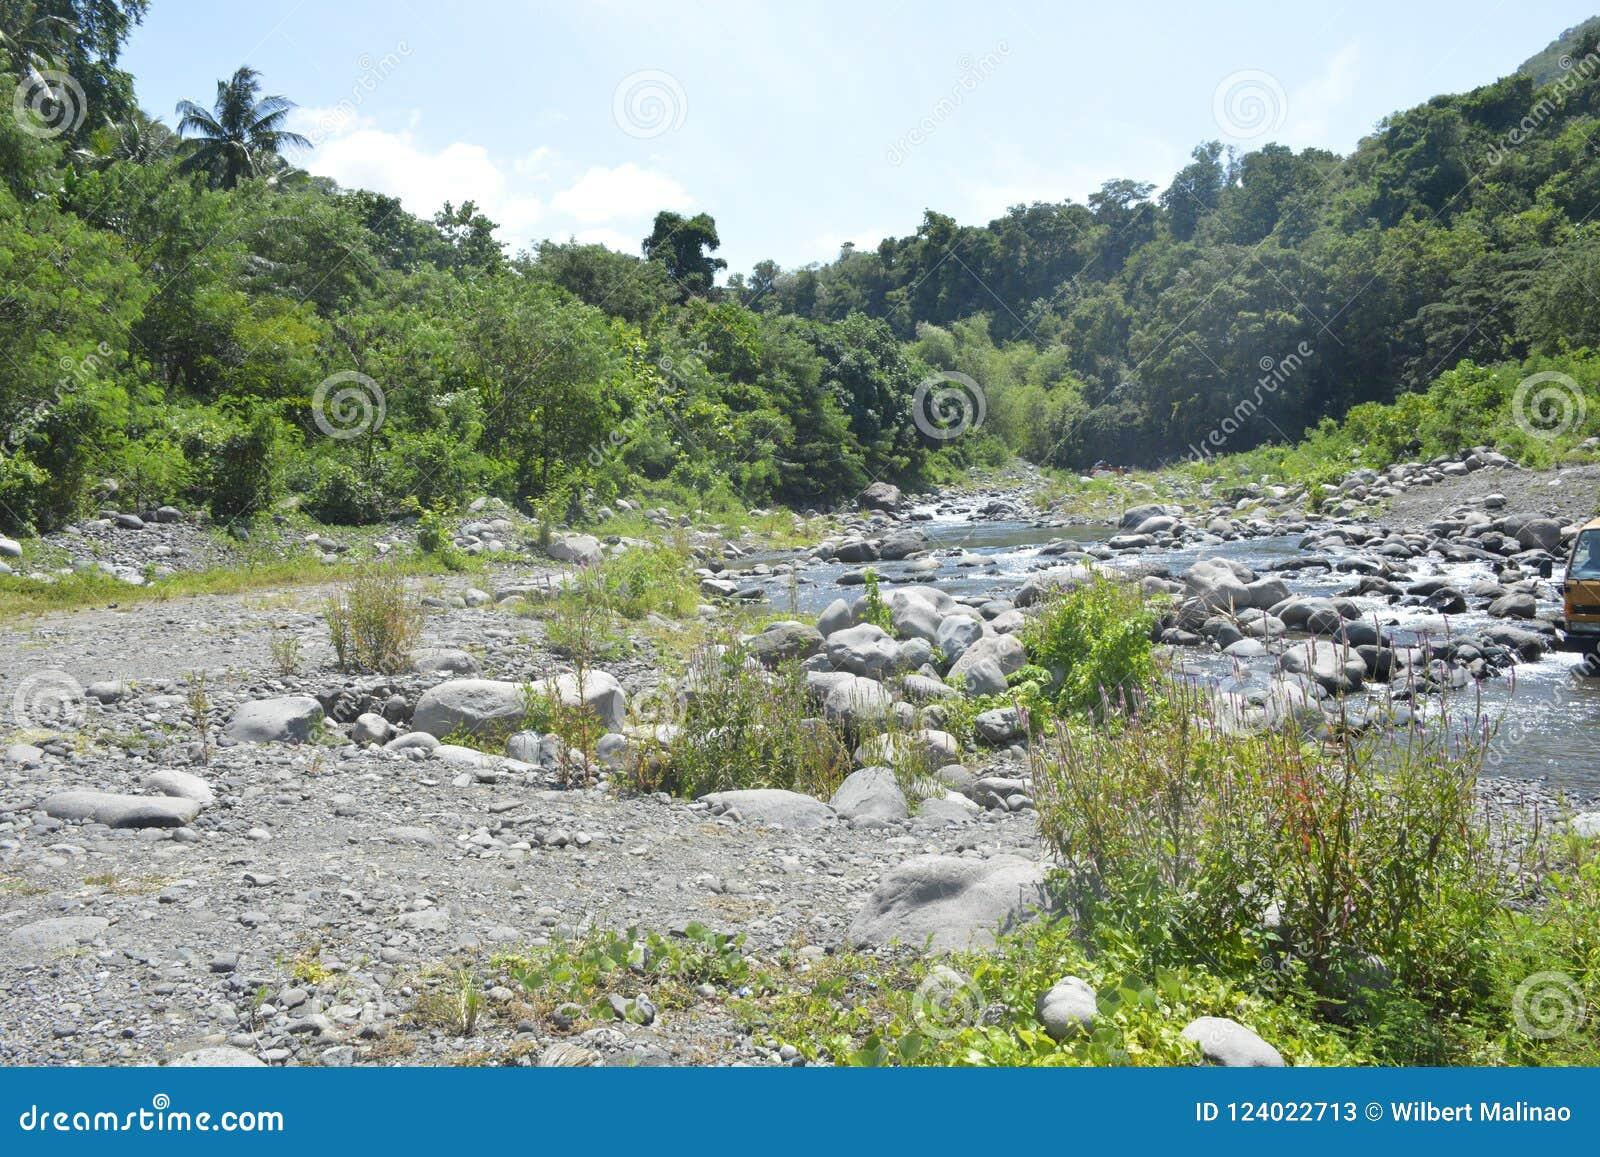 Ruparan riverbank located at barangay Ruparan, Digos City, Davao del Sur, Philippines